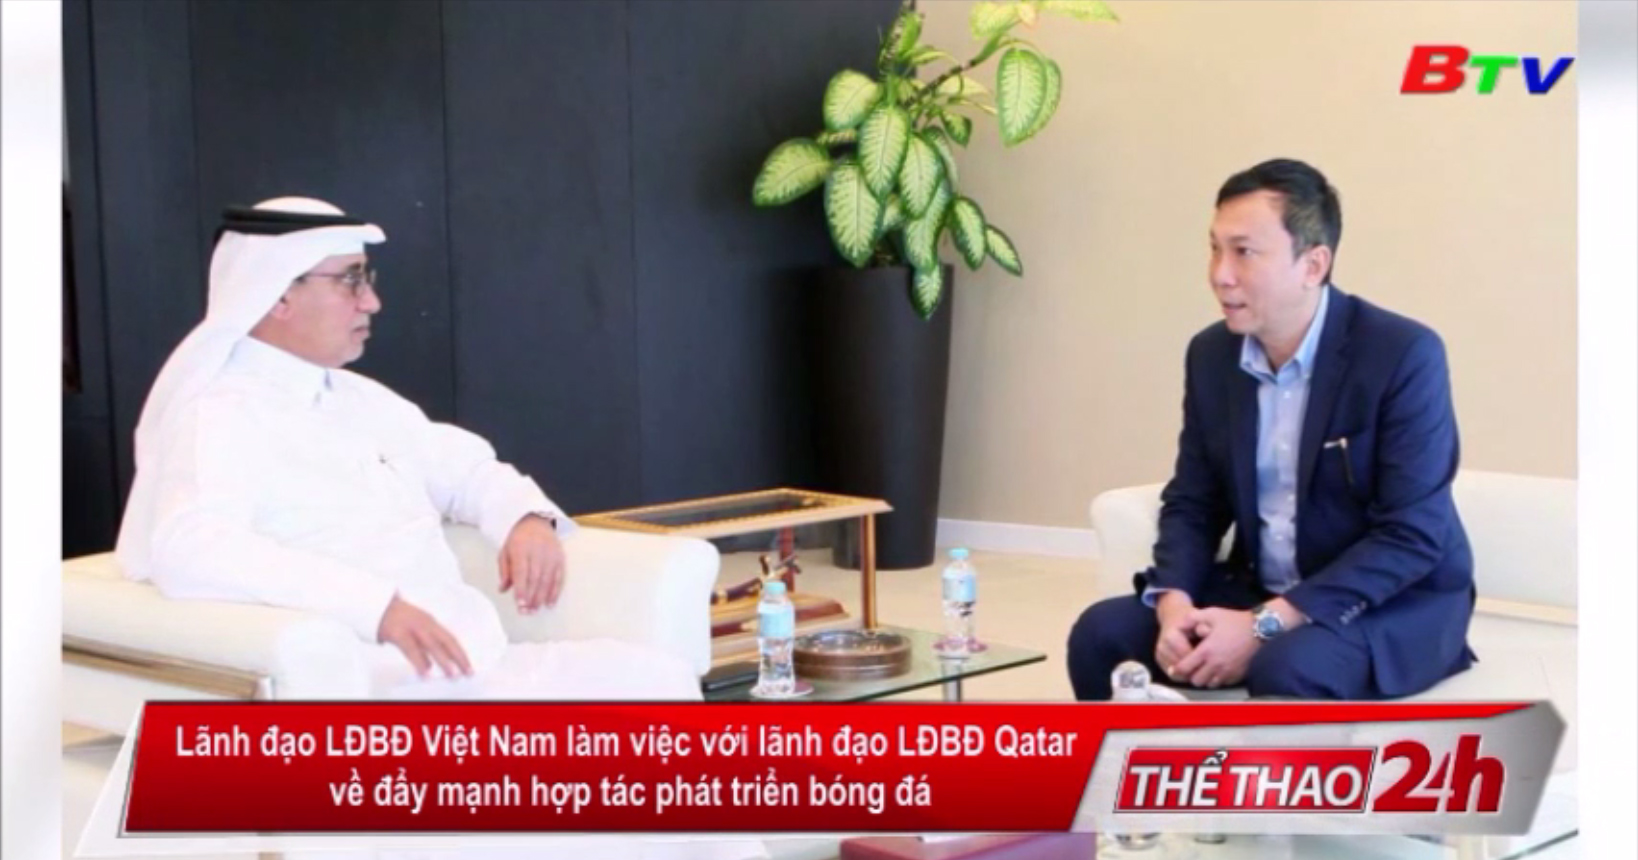 Lãnh đạo LĐBĐ Việt Nam làm việc với lãnh đạo LĐBĐ Qatar về đẩy mạnh hợp tác phát triển bóng đá